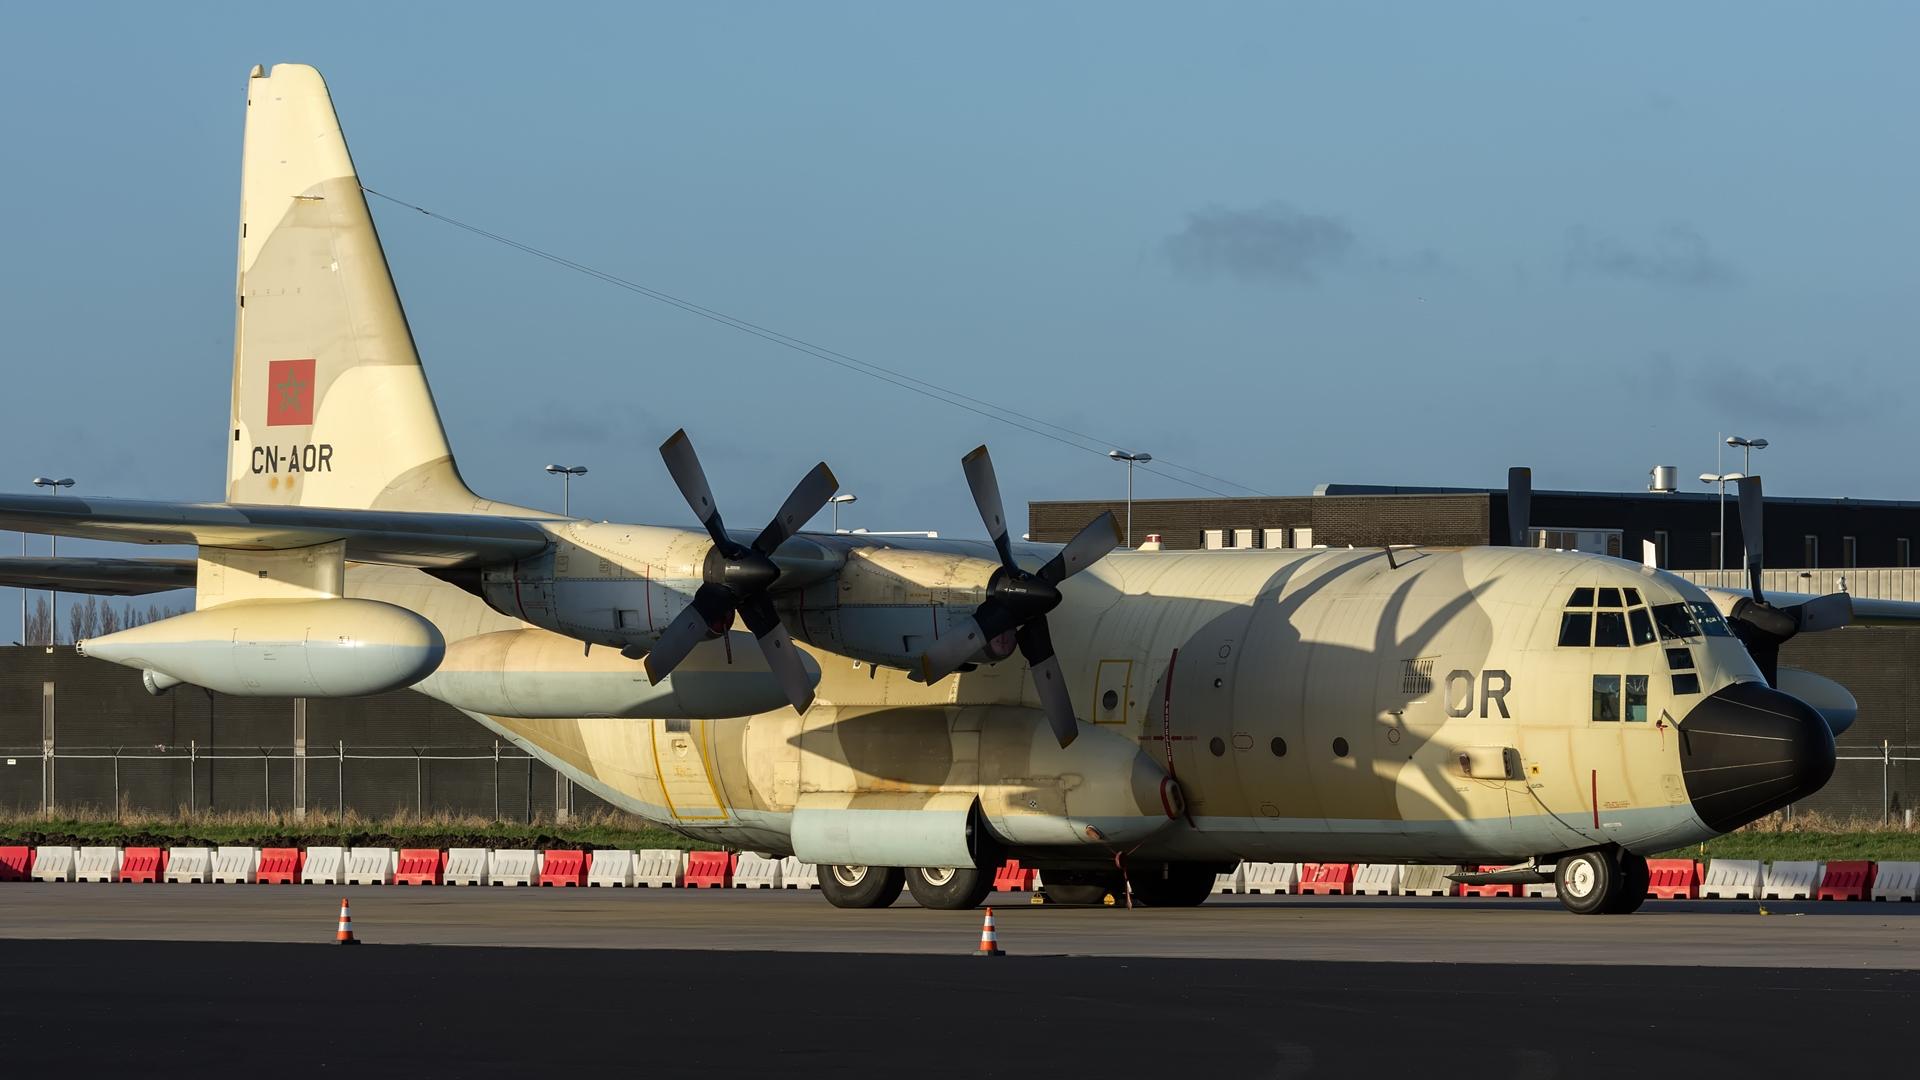 FRA: Photos d'avions de transport - Page 27 160326032306536473